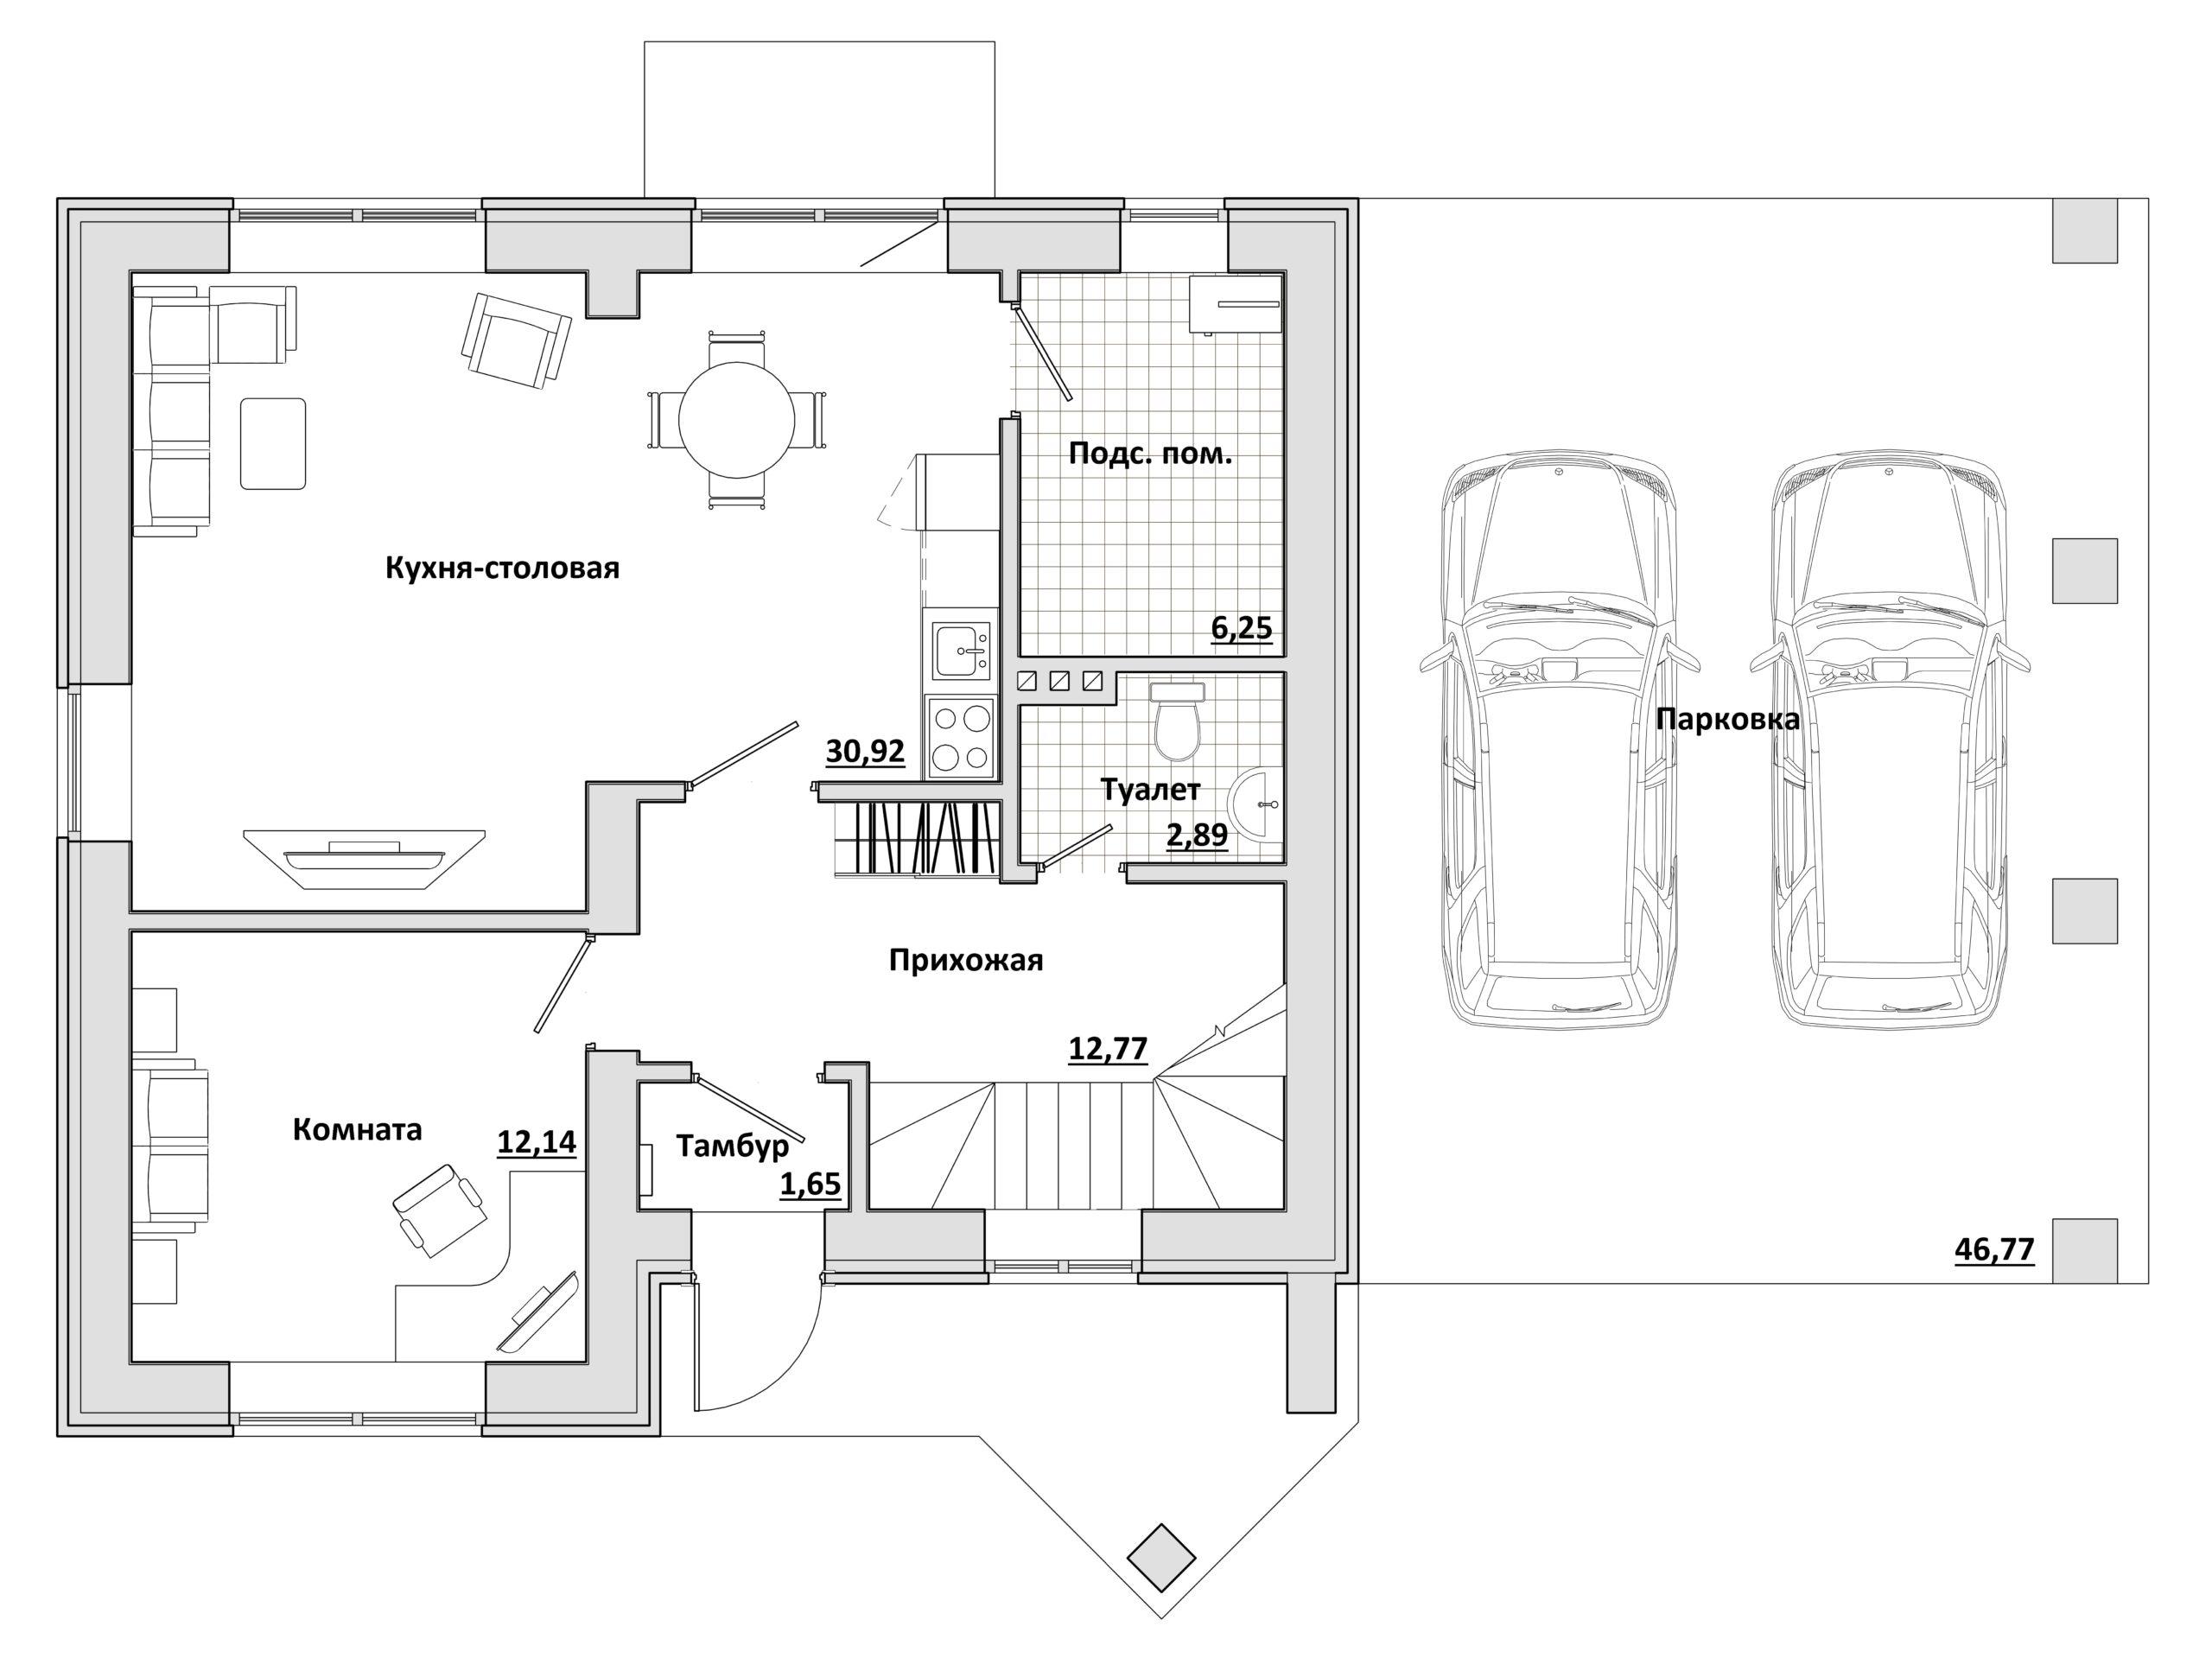 Большой с навесом - План 1-го этажа